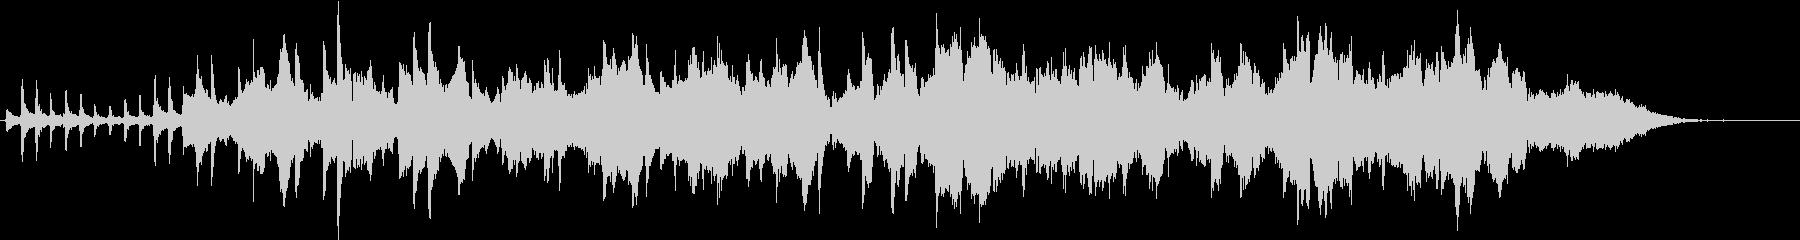 イージーリスニング弦アンサンブル。...の未再生の波形